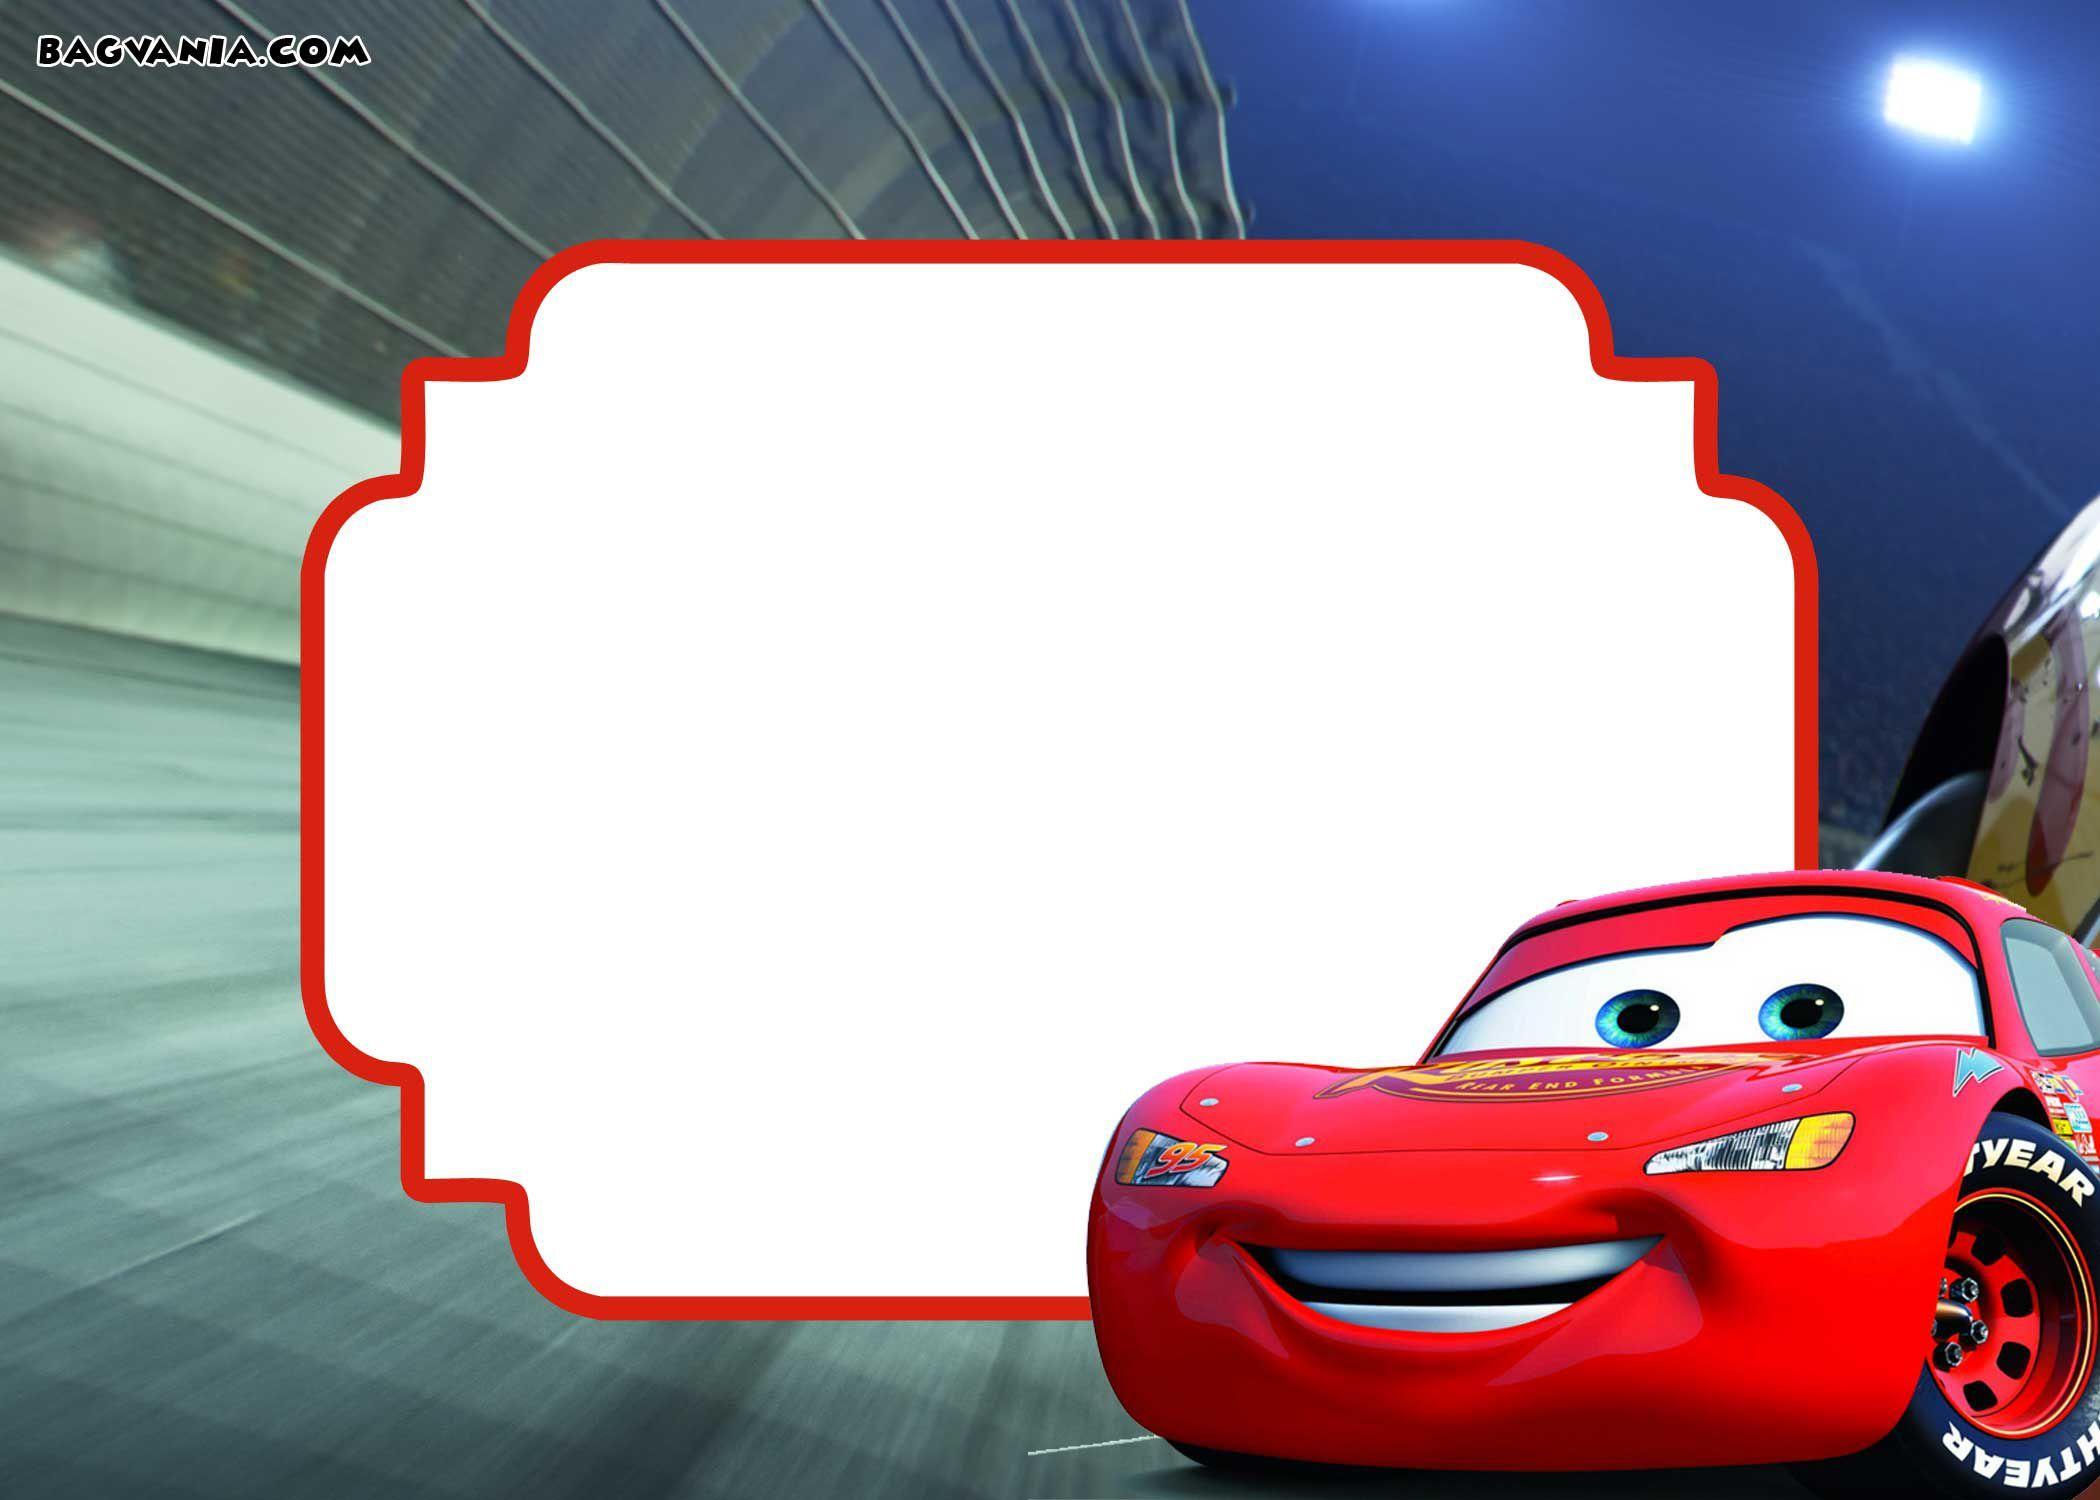 Einladungskarten Kindergeburtstag Cars Download Gebu Einladungskarten Kindergeburtstag Einladungskarten Kindergeburtstag Kostenlos Einladung Kindergeburtstag